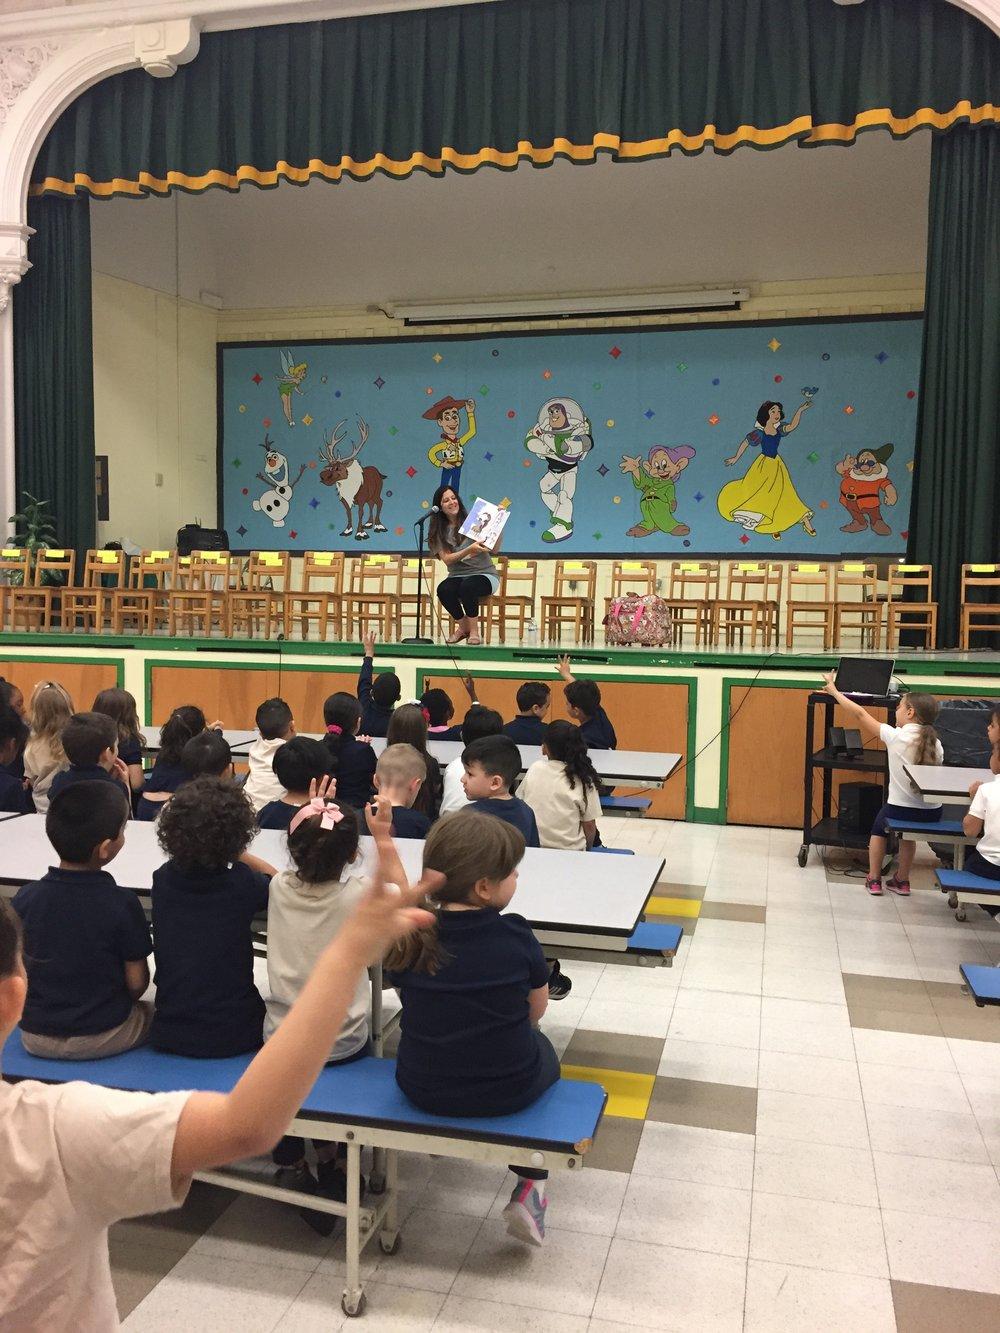 Gorilla school visit Vroom Bayonne NJIMG_6819.JPG